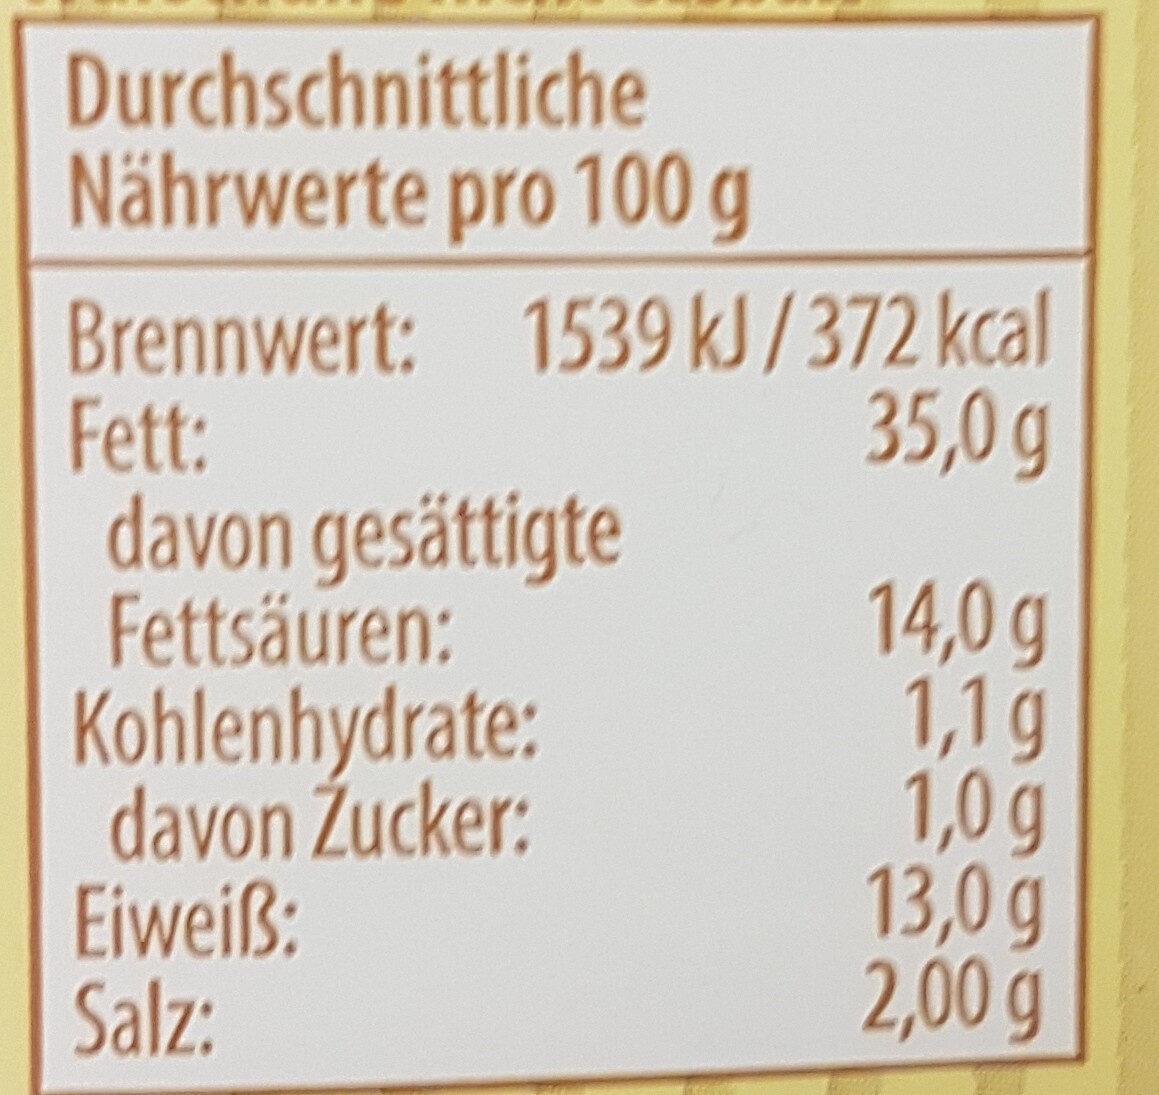 Pommersche Leberwurst mit Kalbfleisch - Nutrition facts - de